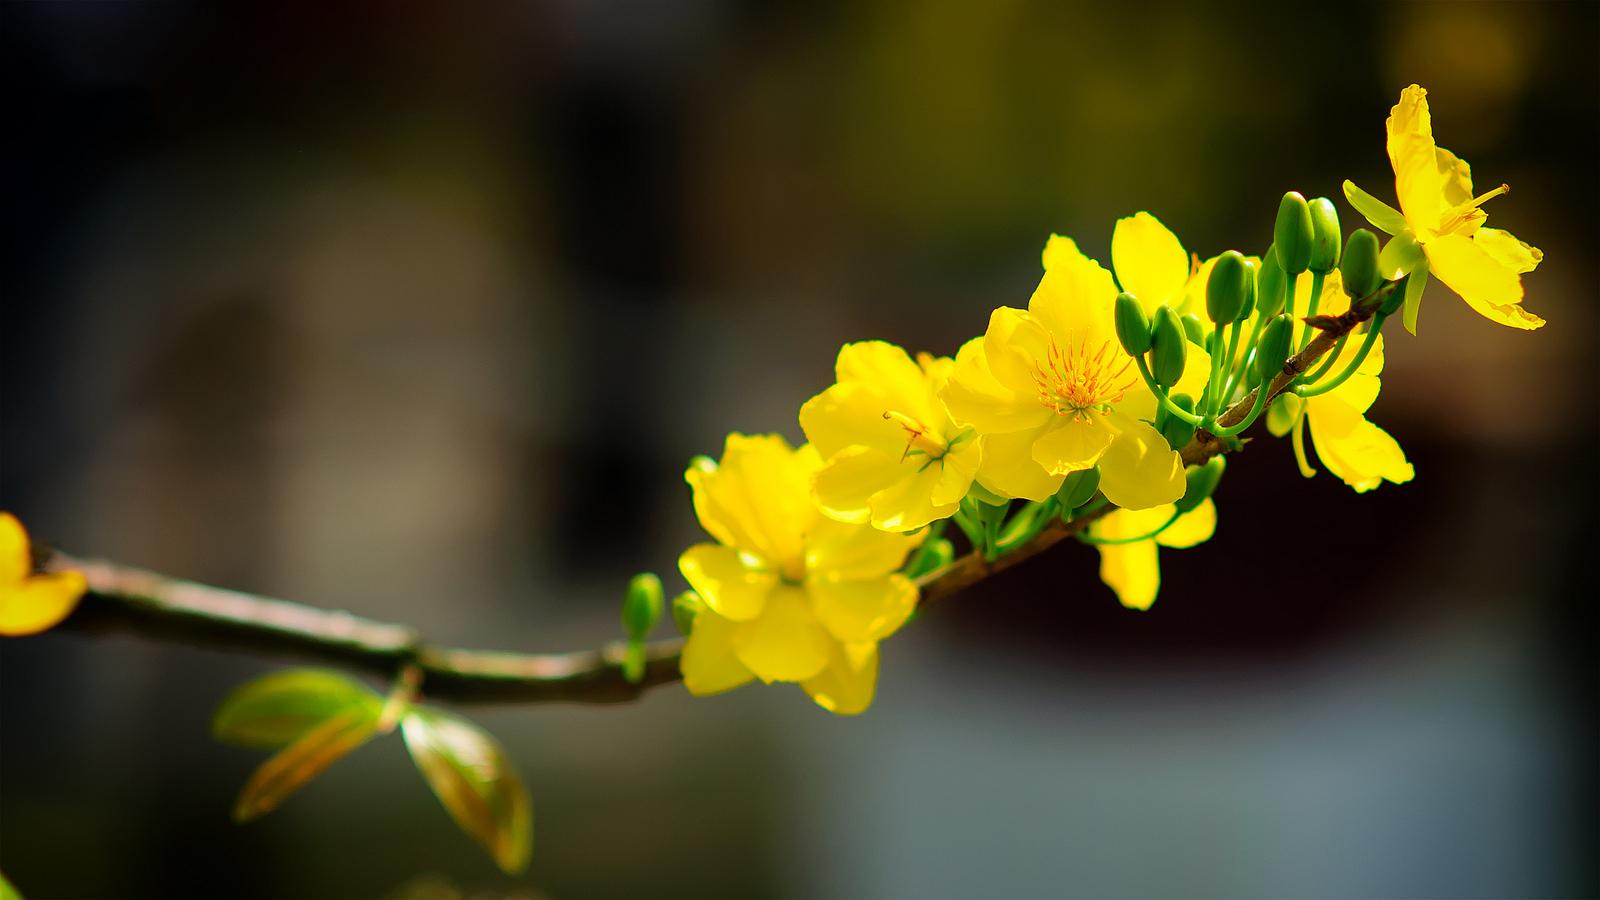 ảnh hoa mai vàng đẹp